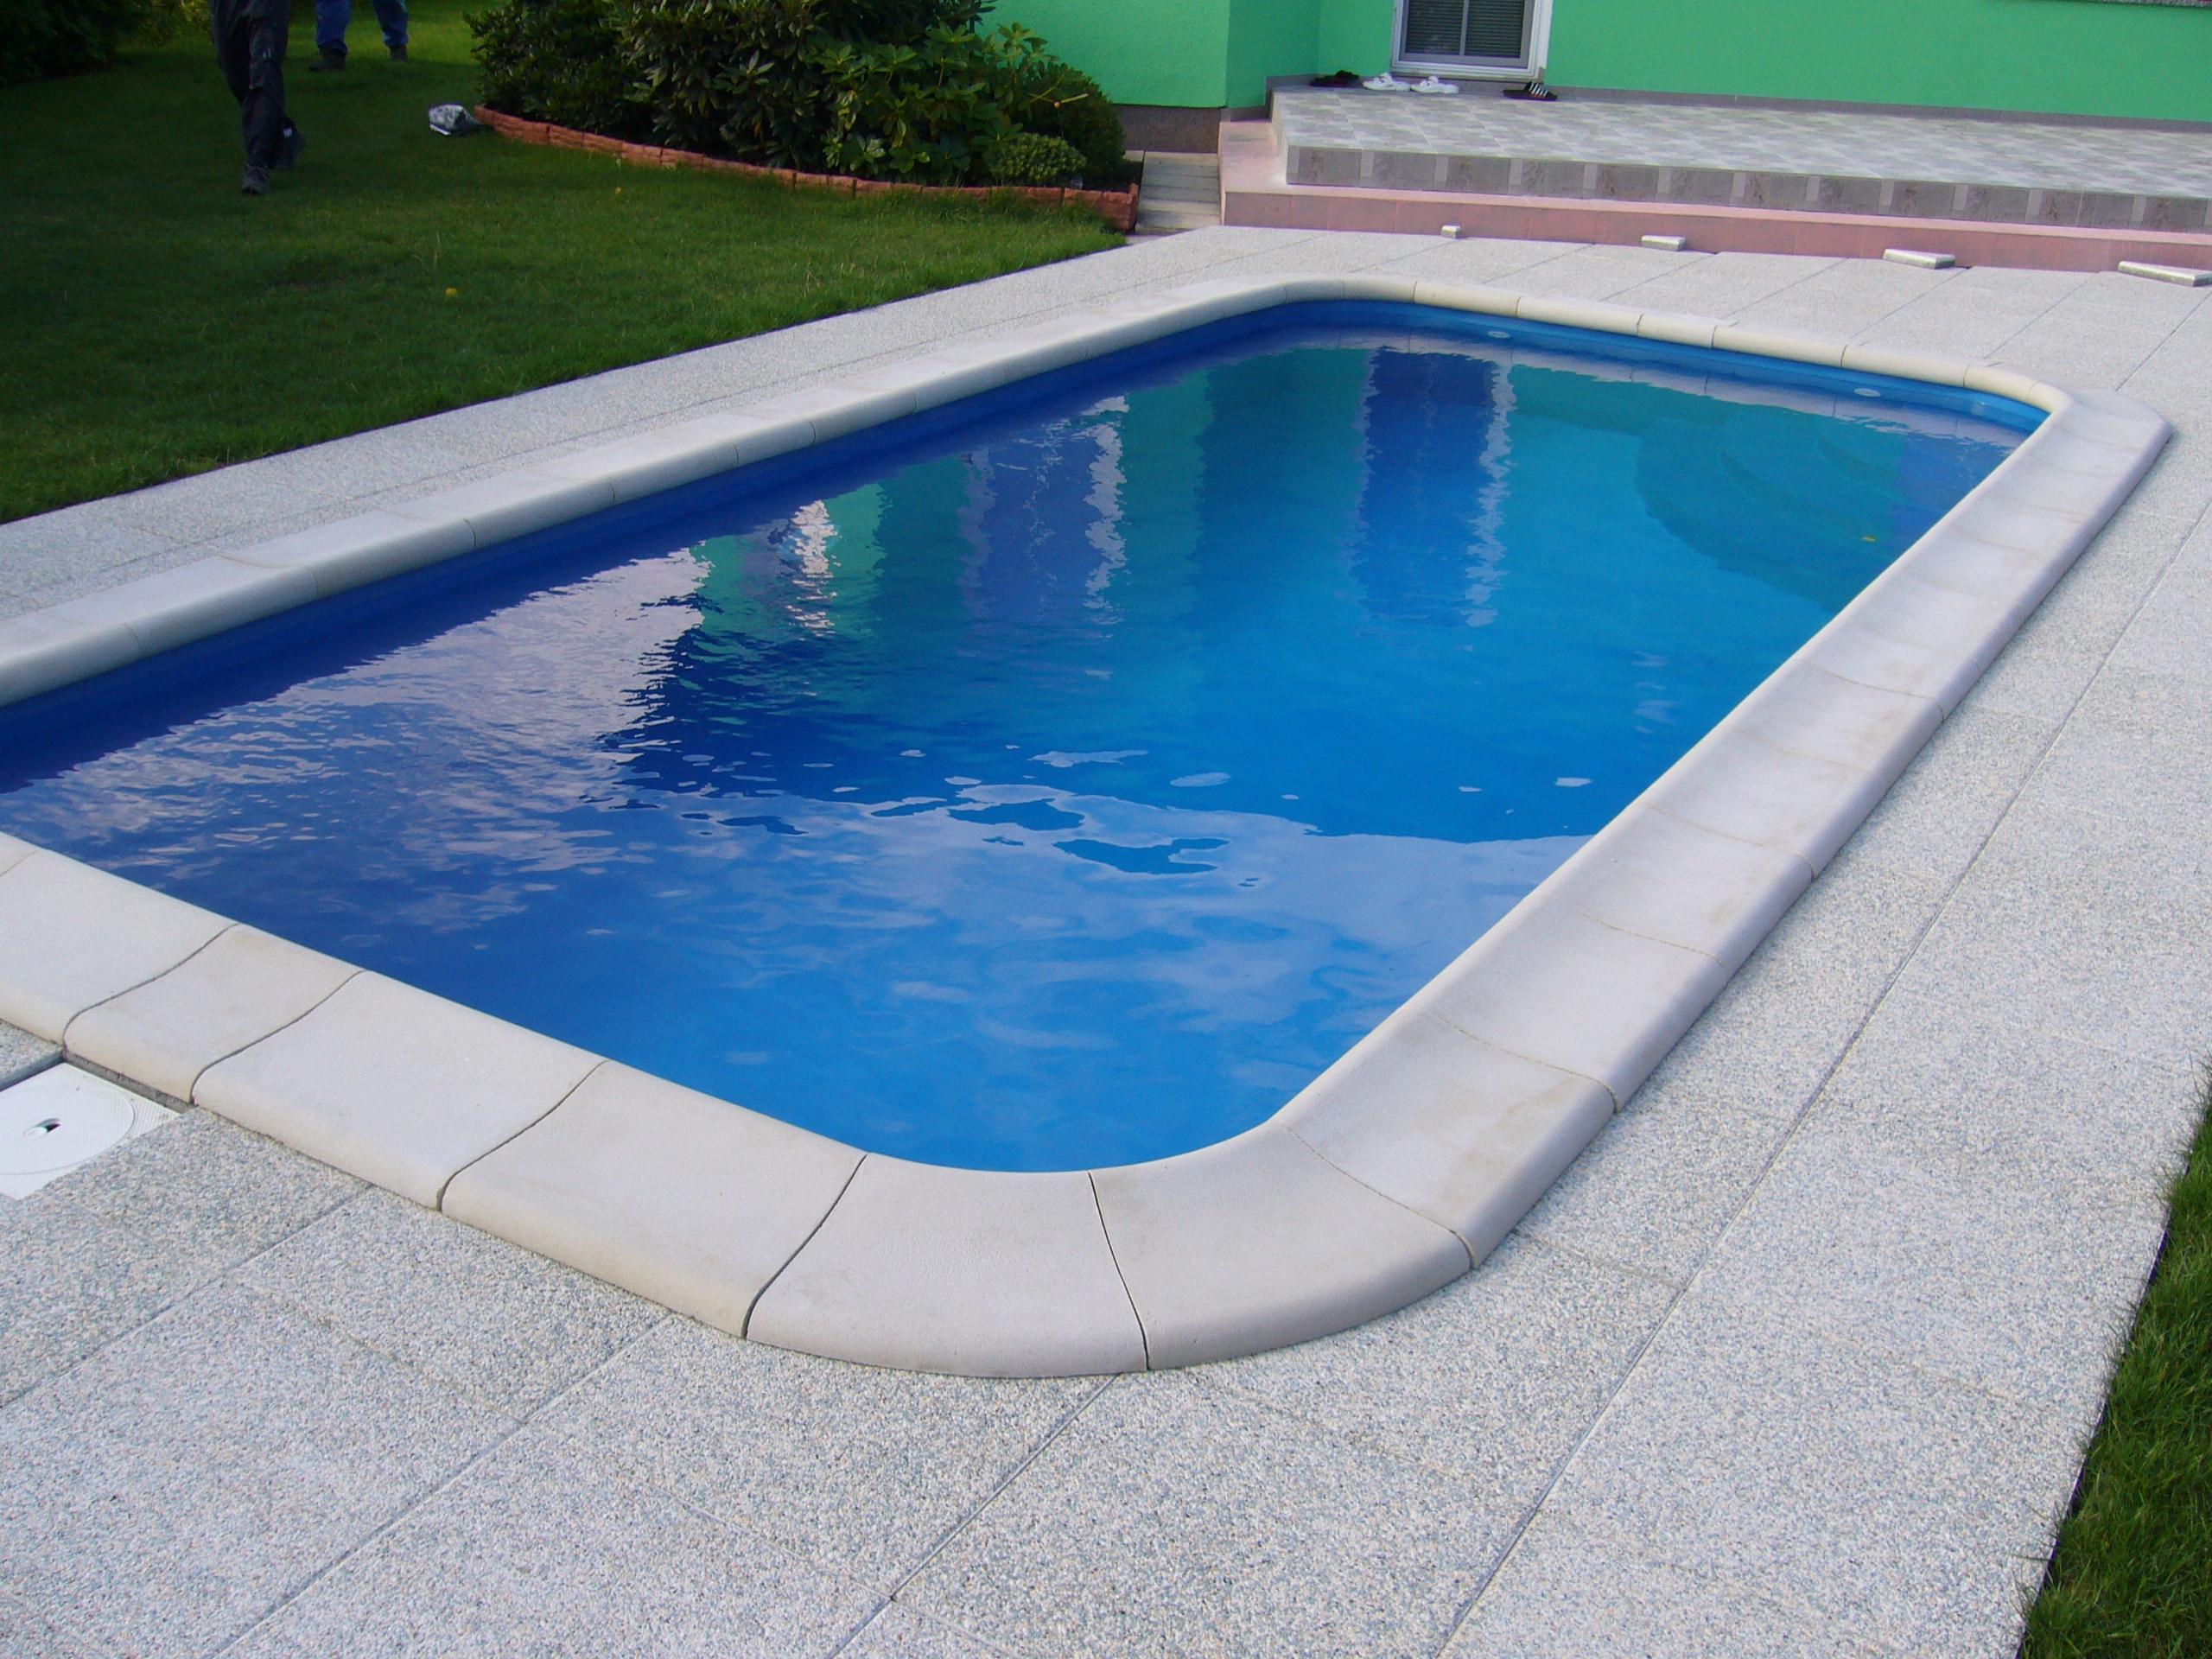 Obdélníkový bazén výroba, prodej